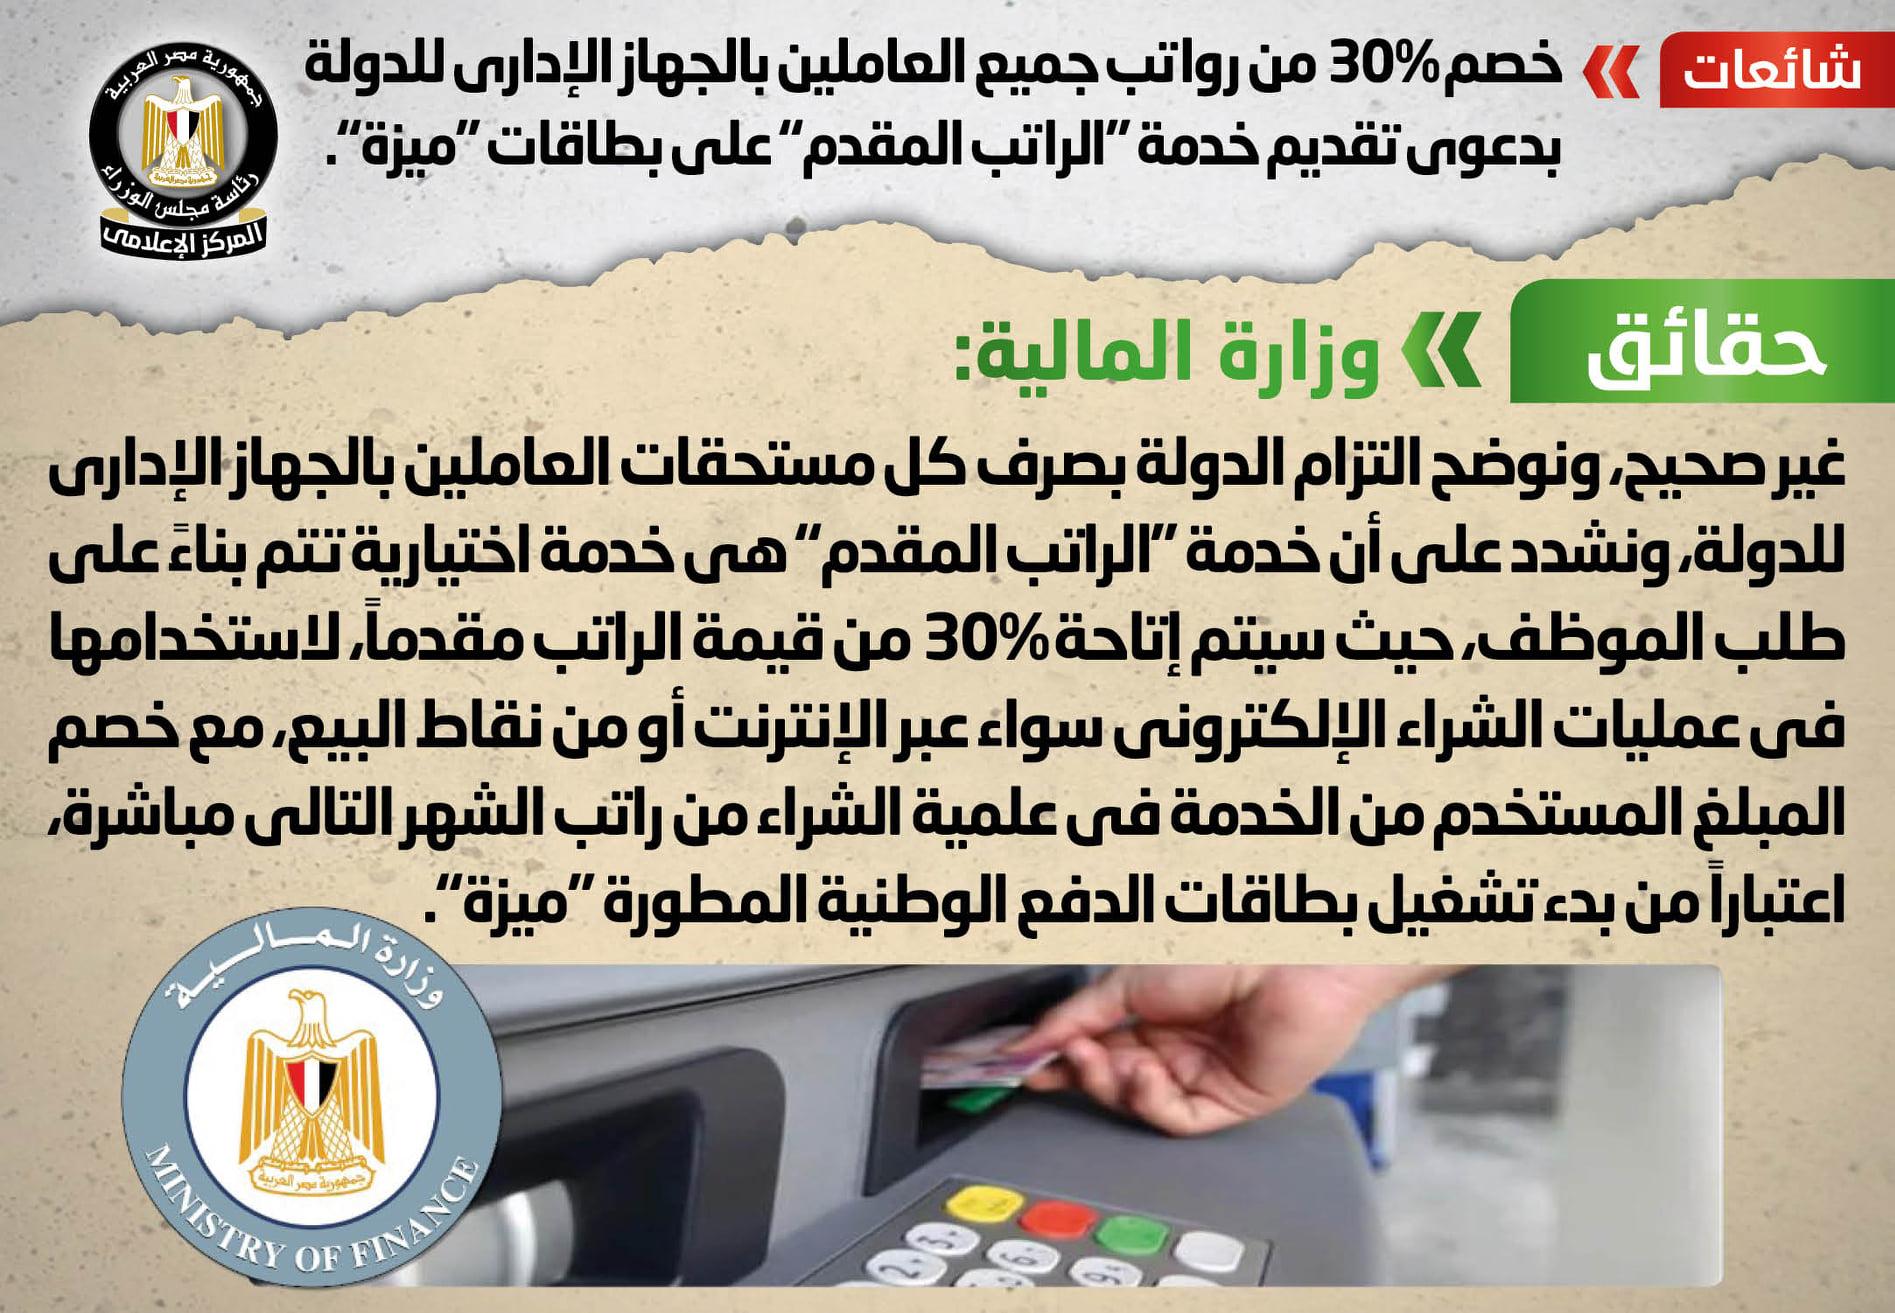 بيان رسمي من مجلس الوزراء حول بطاقة ميزة وإتاحة 30% من مرتبات جميع الموظفين مقدماً 2